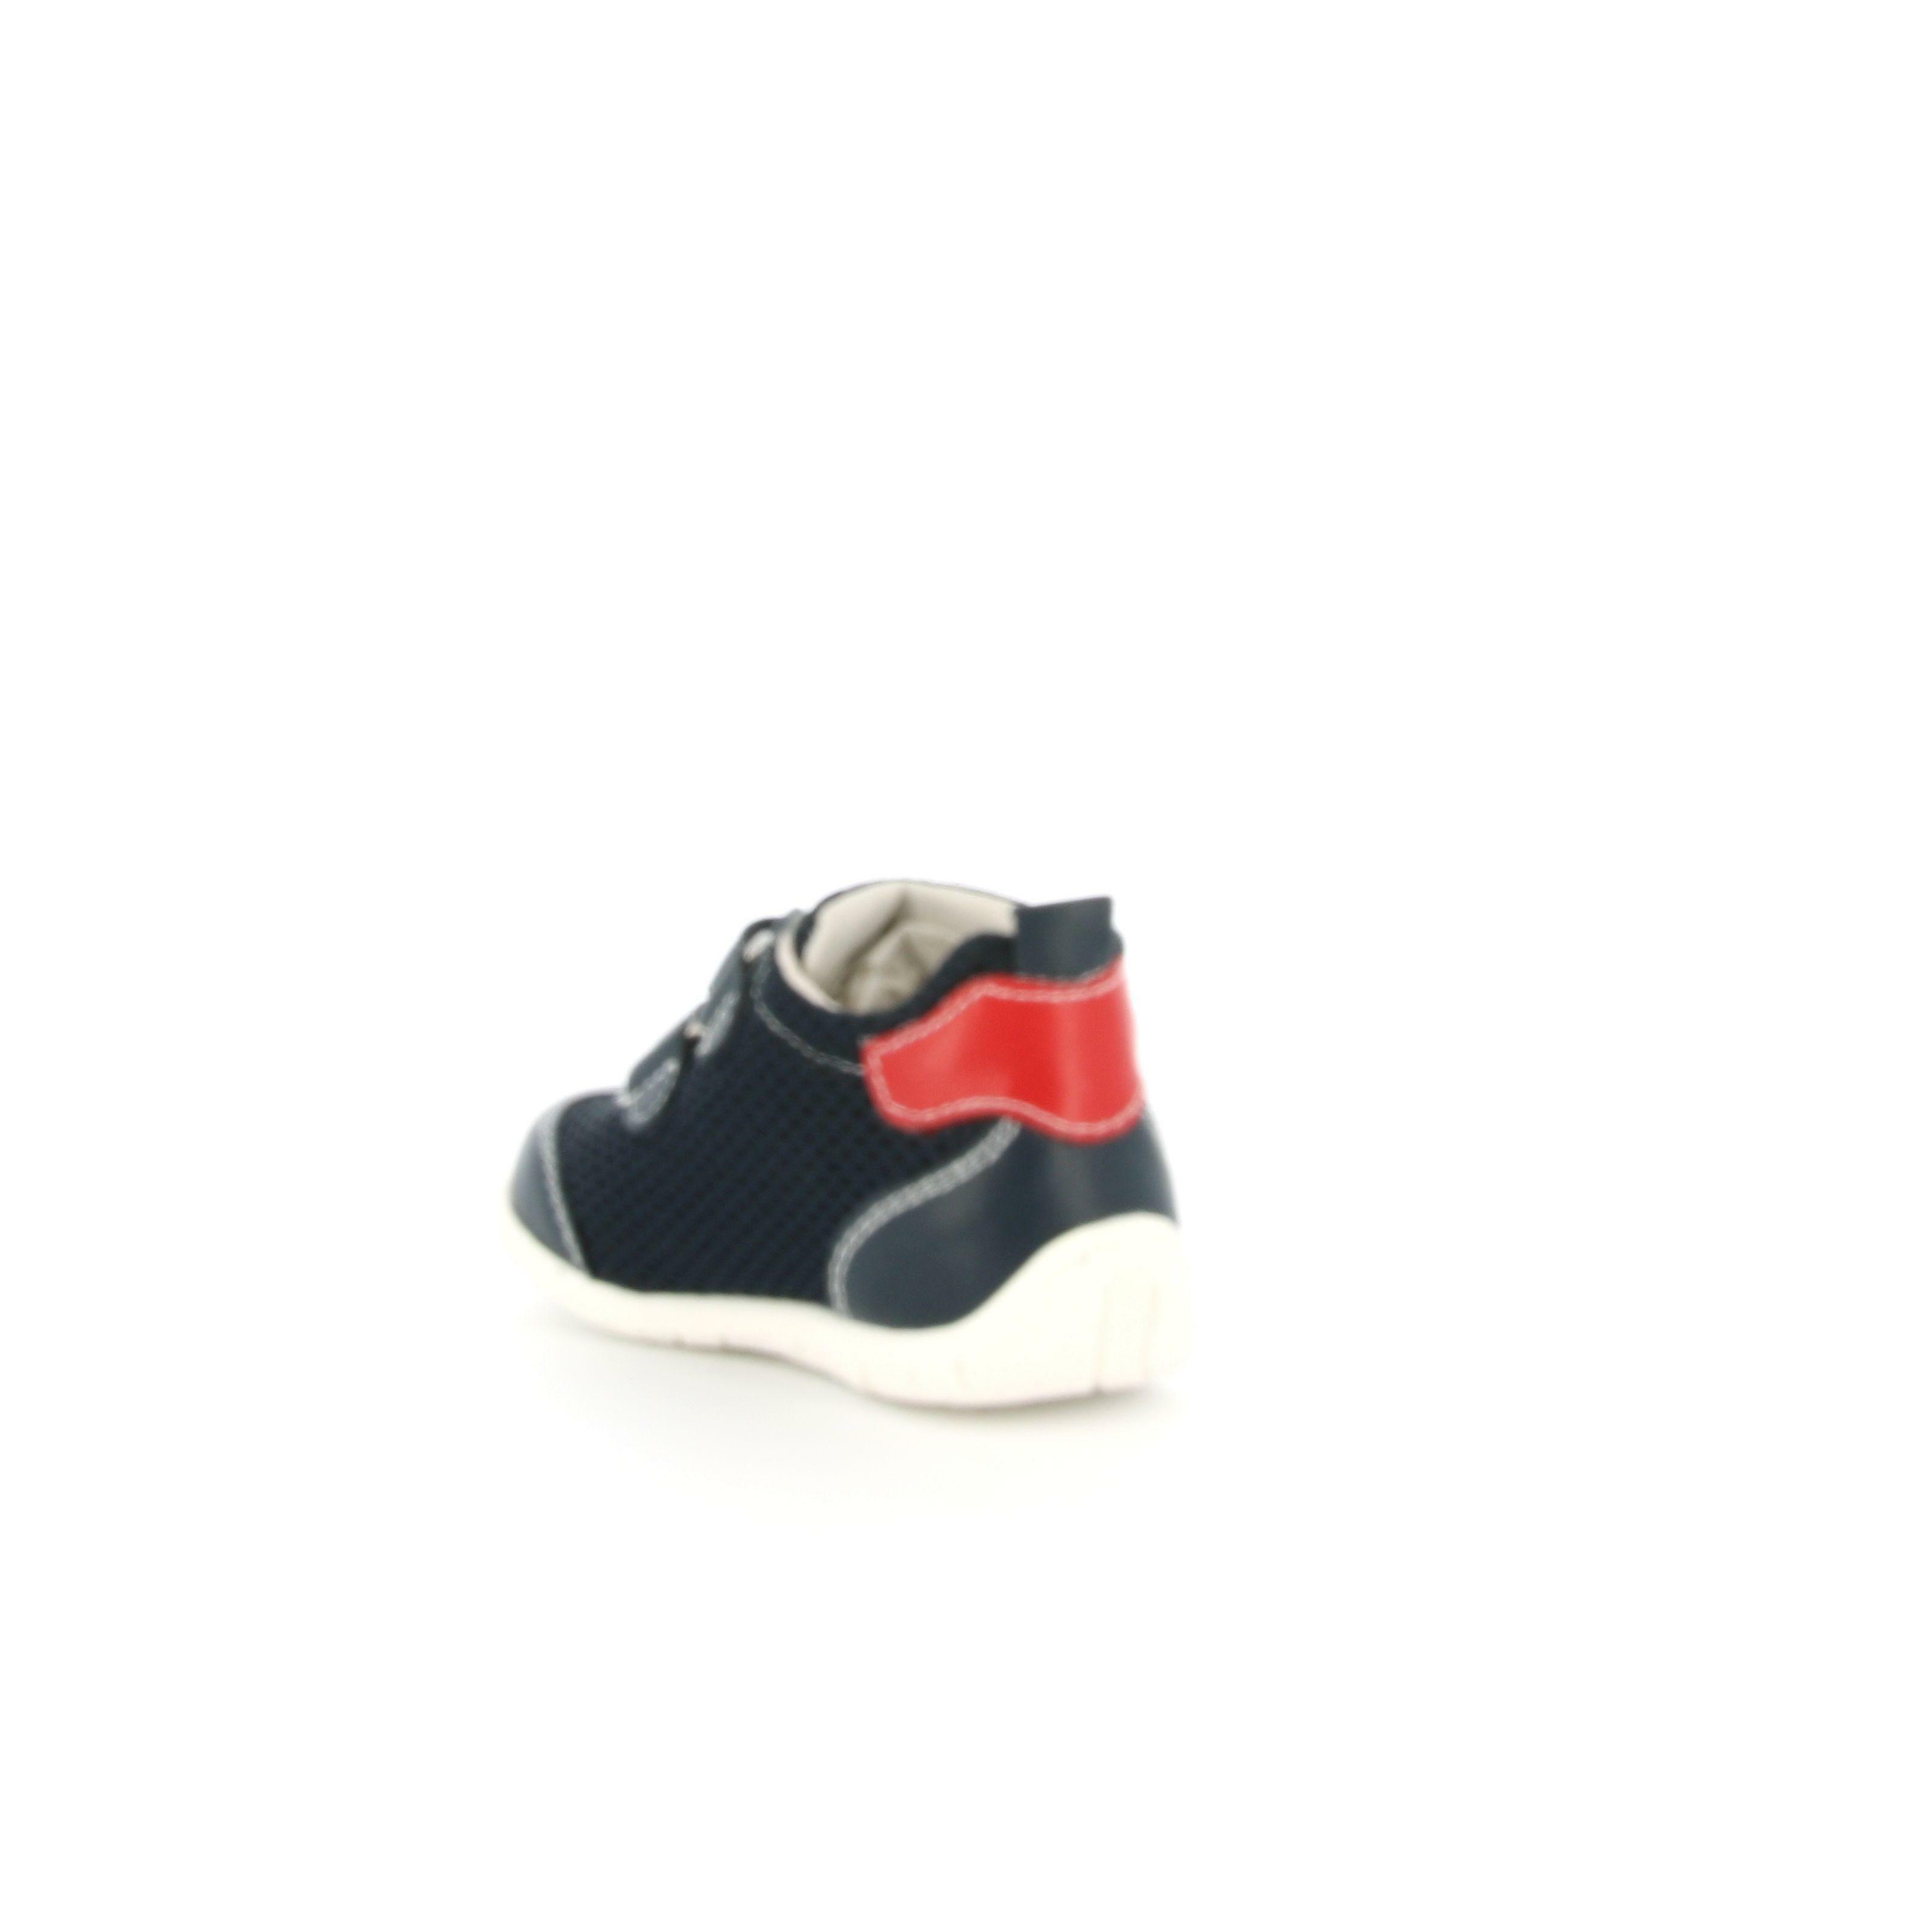 nero giardini sneakers bambino nero giardini e019071m 207 blu scuro